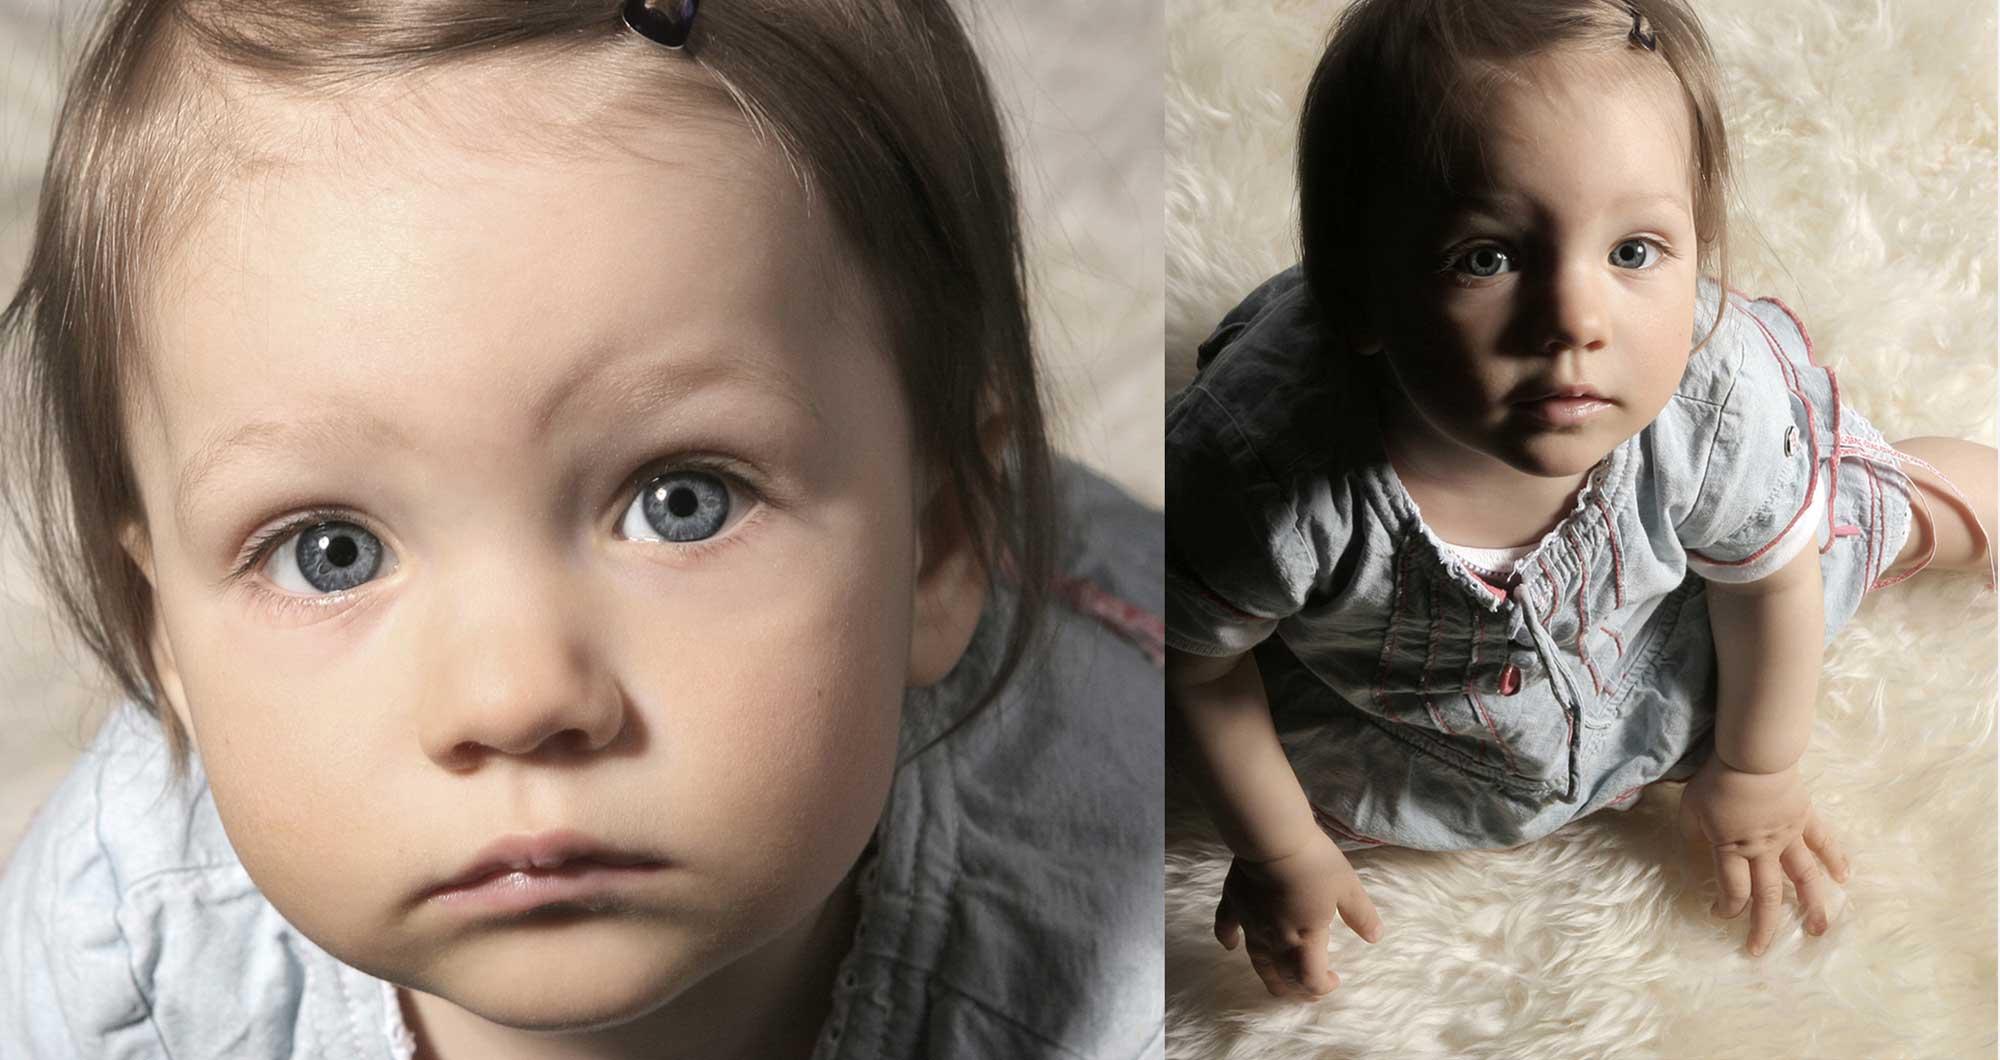 familieundkinderfoto-lenzvonkolkow16